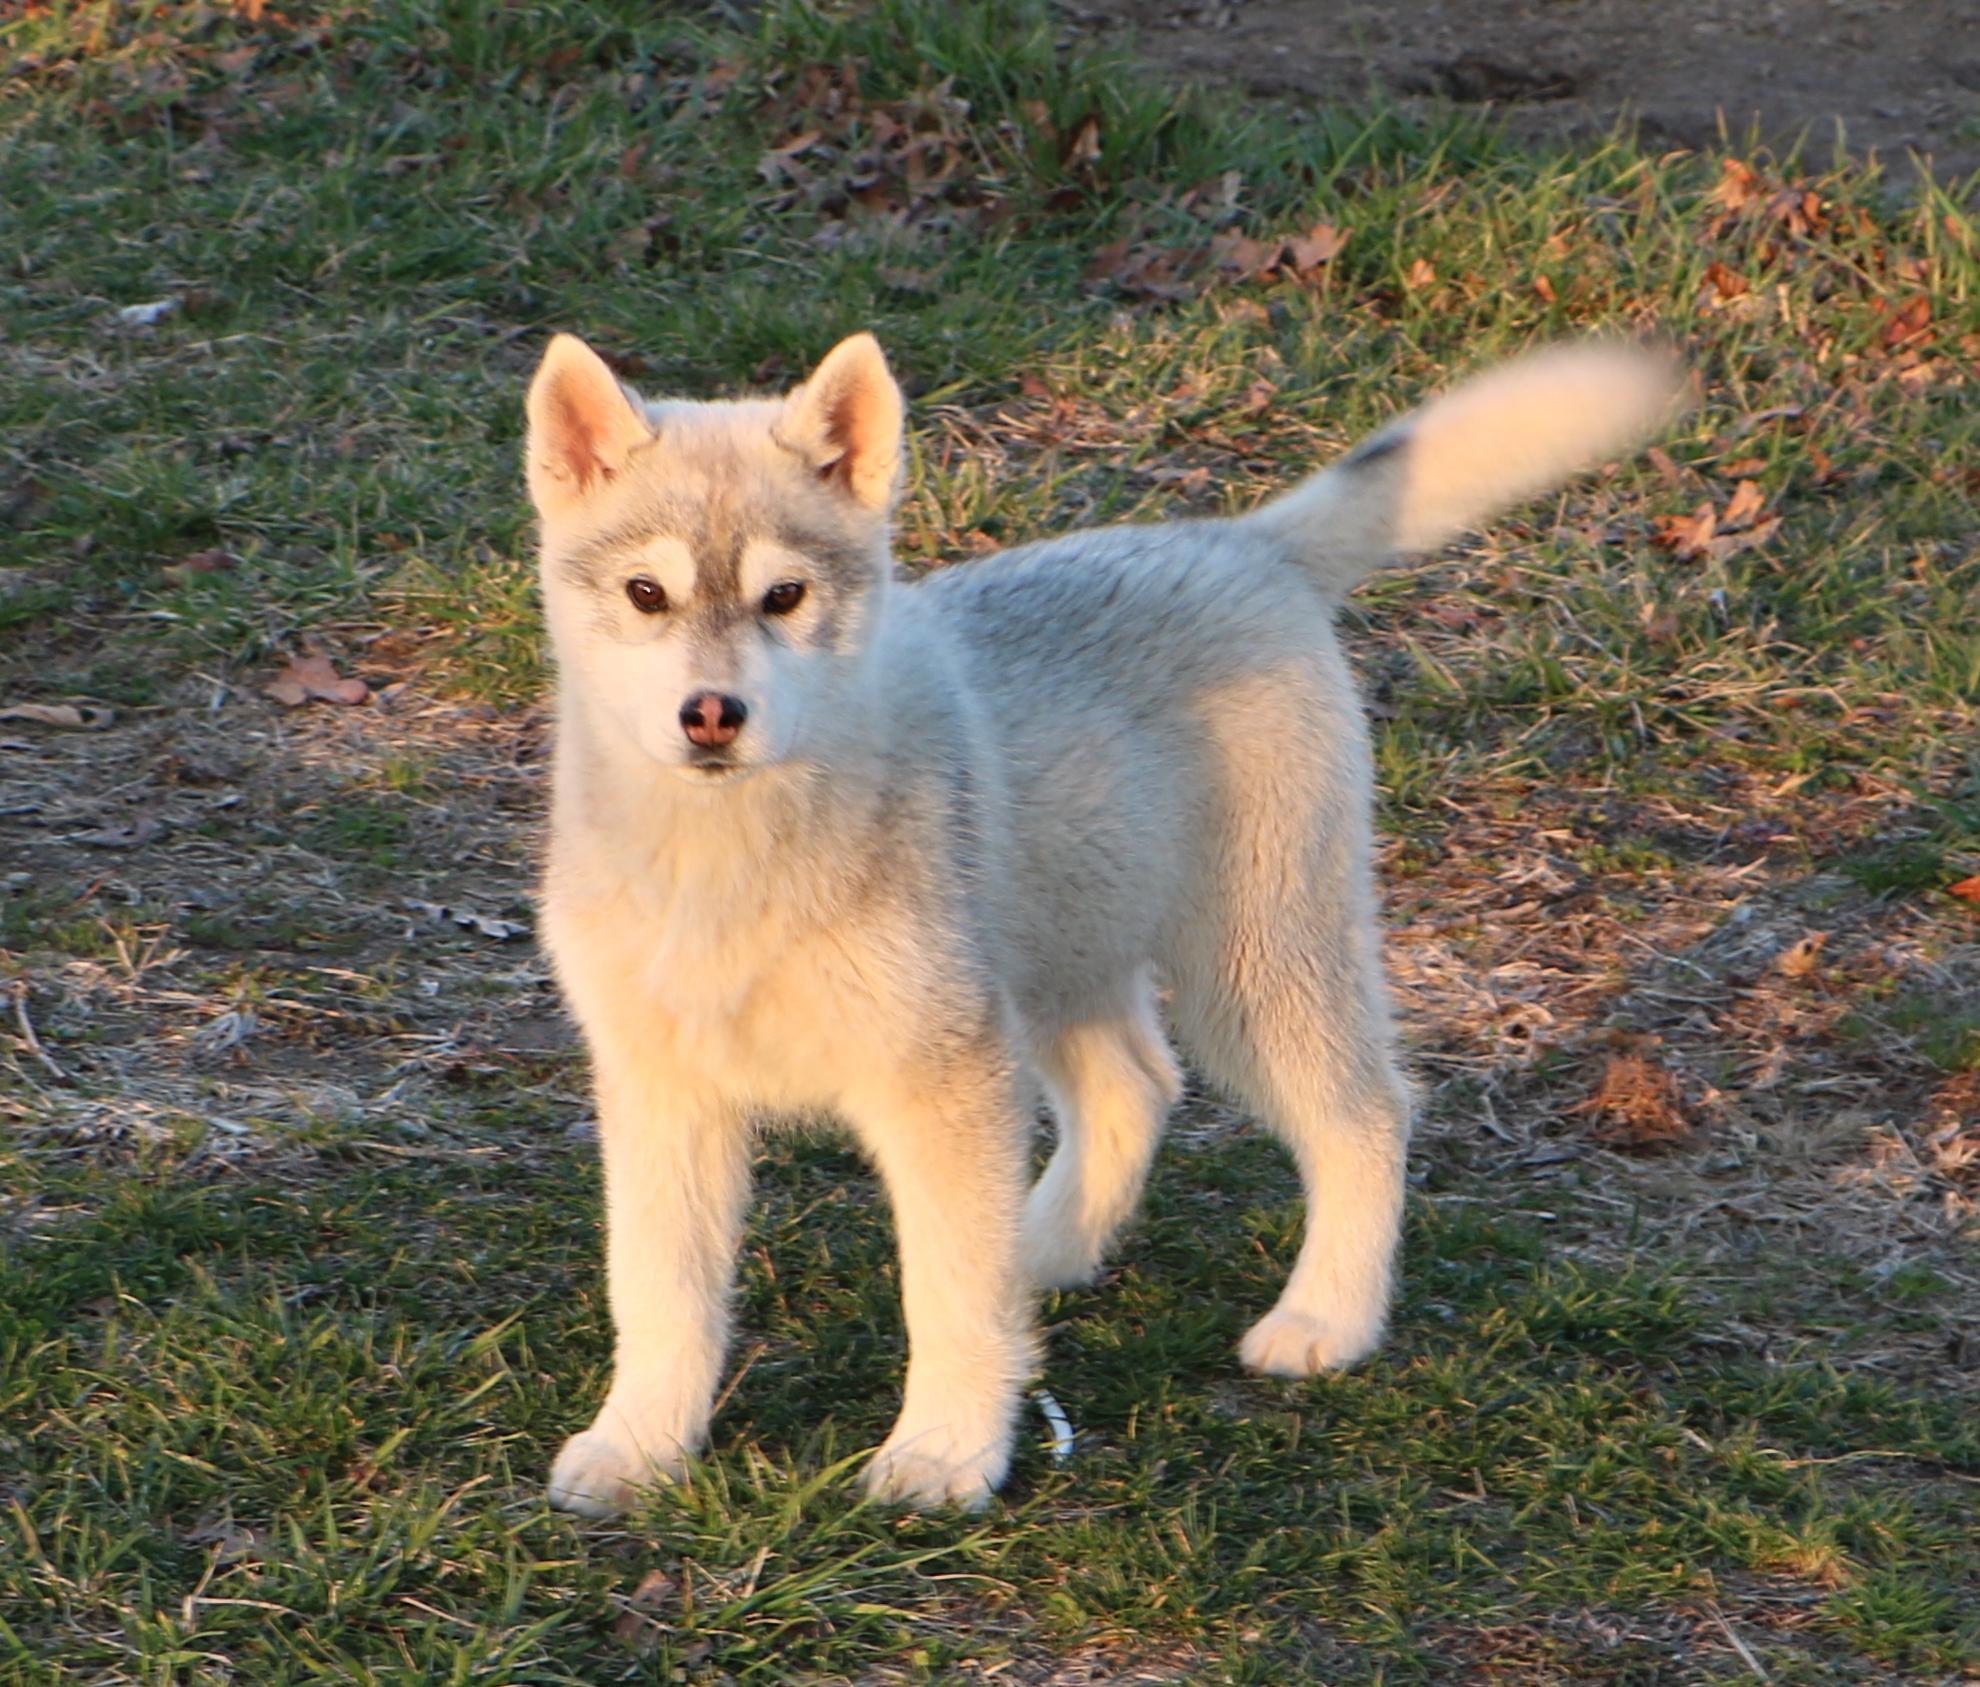 2 Siberian Huskies